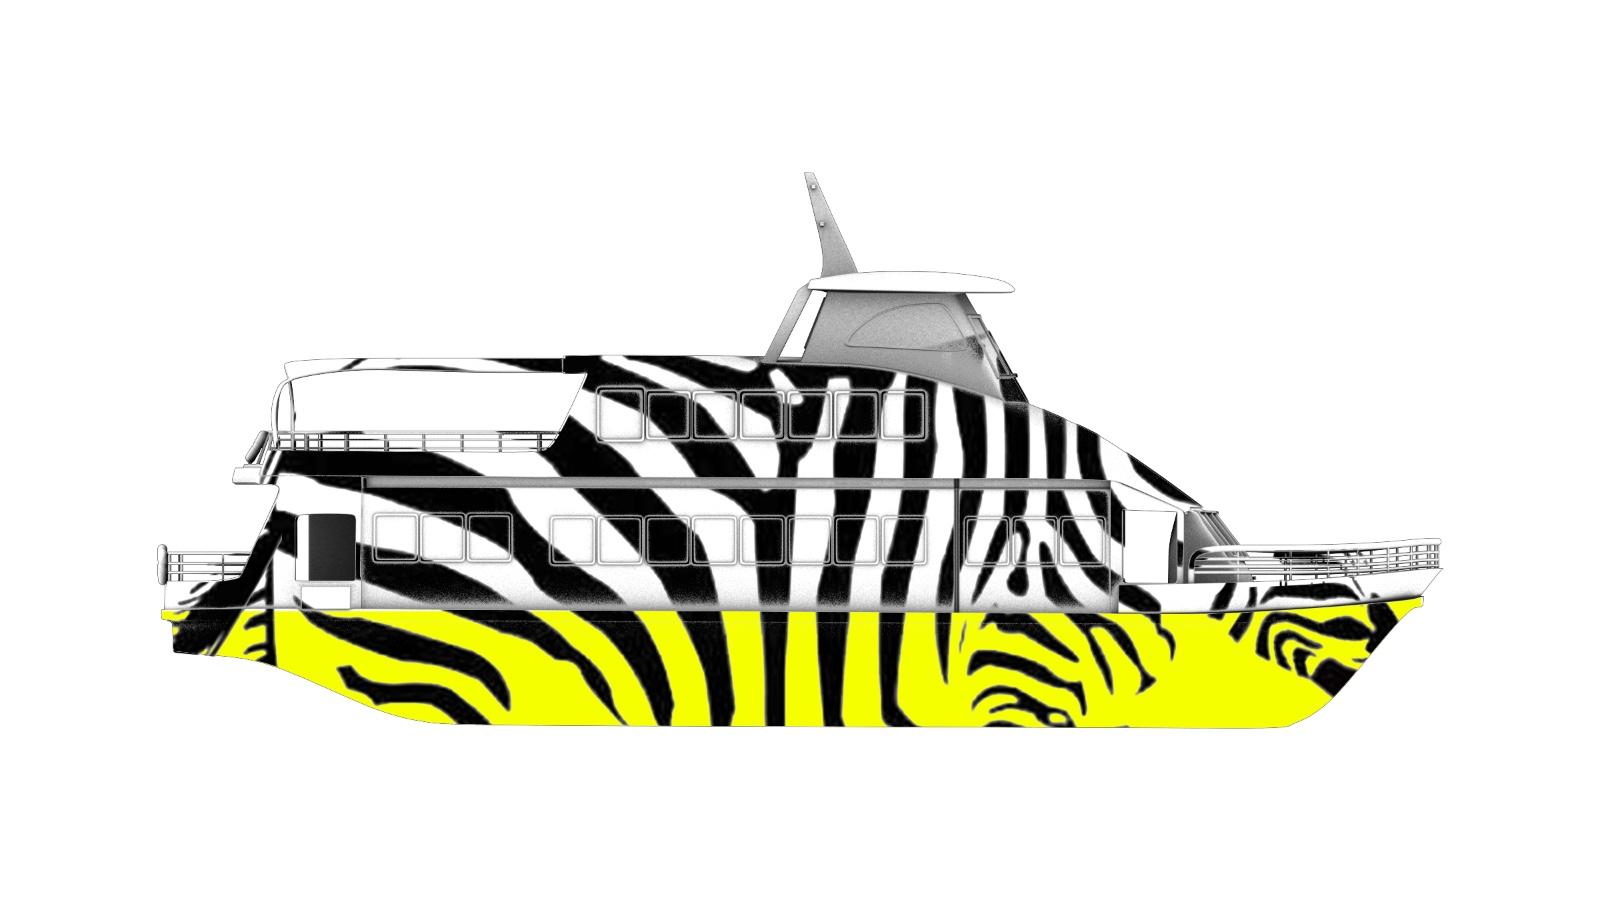 使用斑马的黑白条纹设计的船身喷绘贴图白色部分用自发光涂料